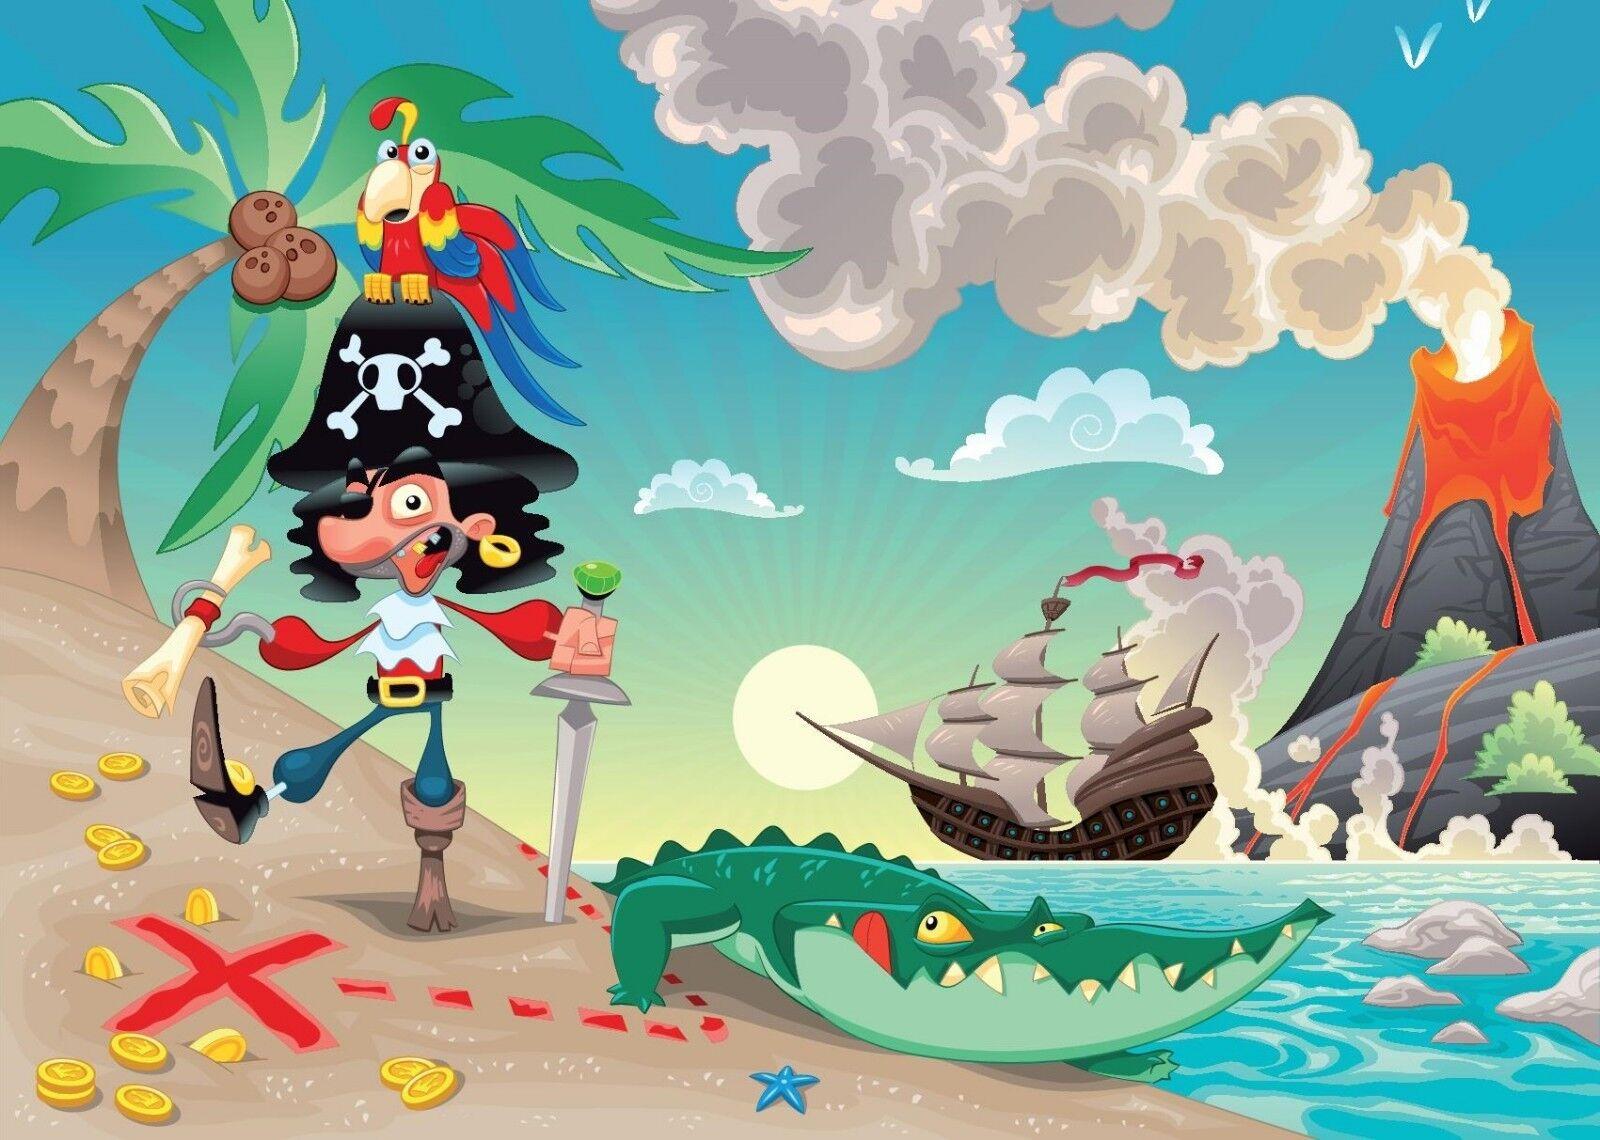 2.3x3.2m Riesiges Wandgemälde Tapete für Kinder Schlafzimmer Piraten Insel